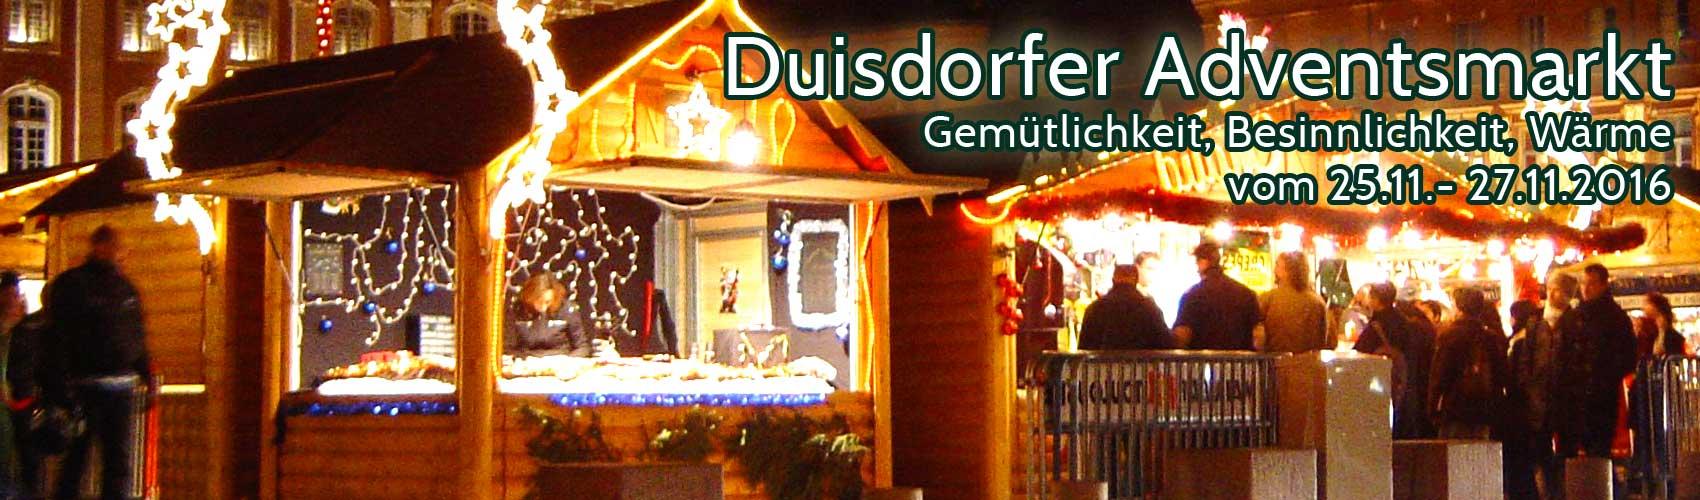 Duisdorfer Adventsmarkt 2016